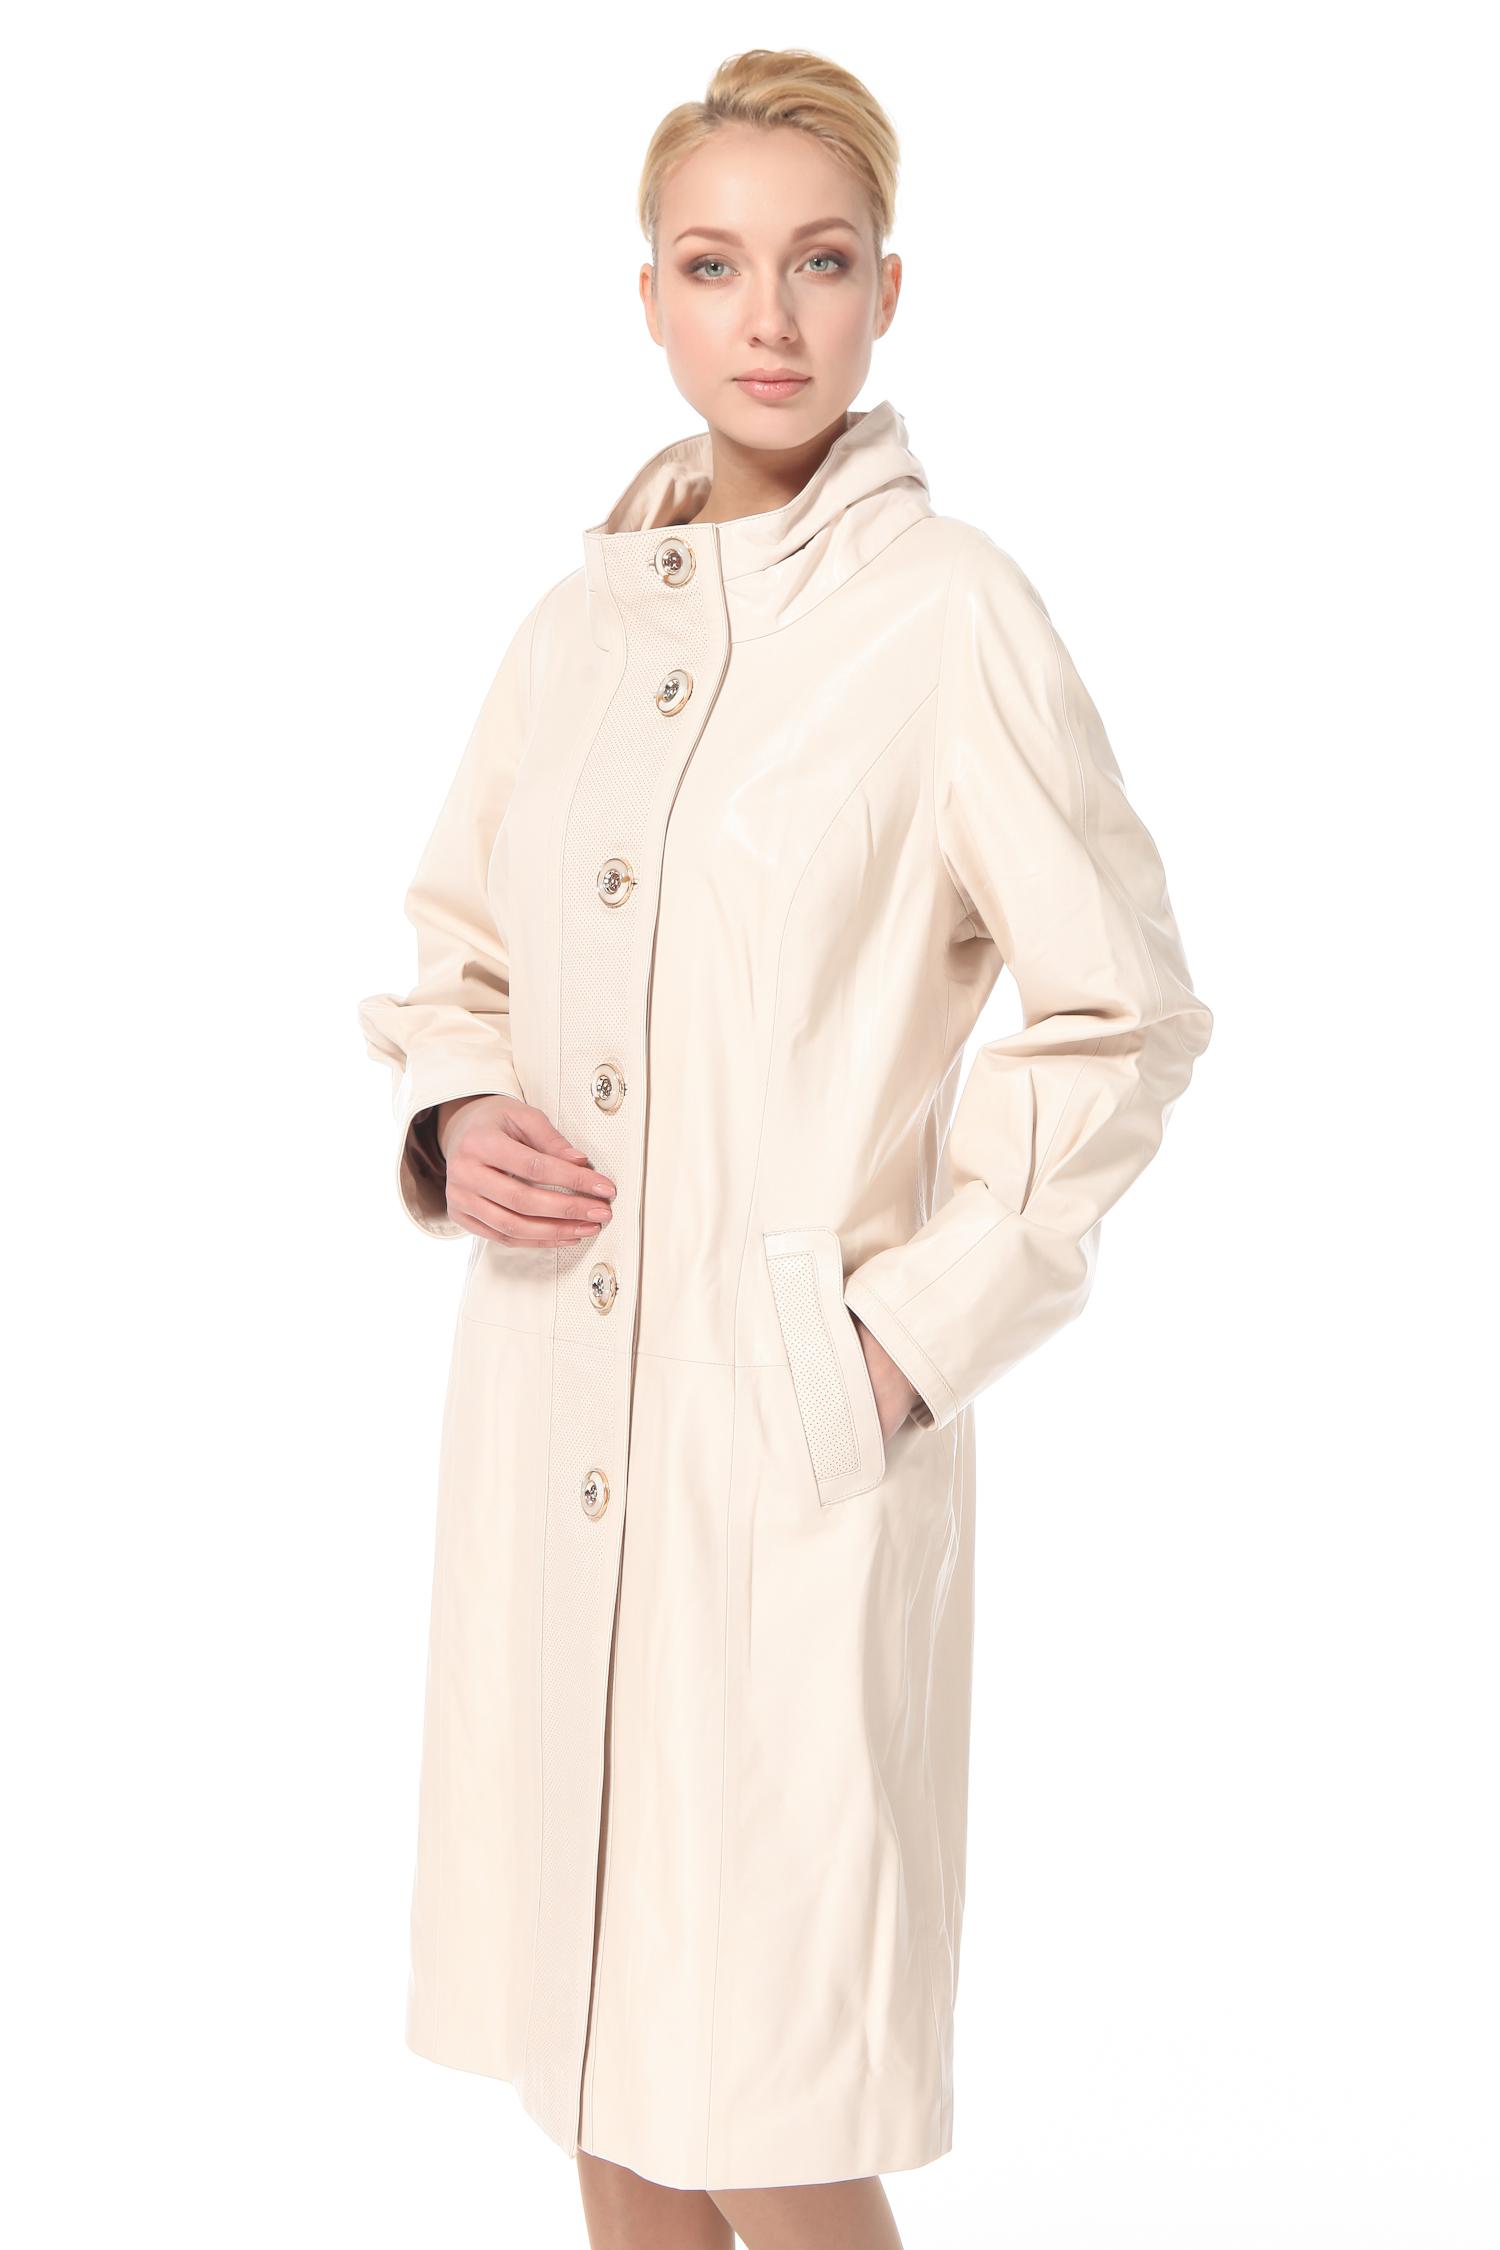 Женское кожаное пальто из натуральной кожи с воротником, без отделки<br><br>Цвет: бежевый<br>Длина см: Длинная (свыше 90)<br>Материал: Кожа овчина<br>Воротник: стойка<br>Пол: Женский<br>Размер RU: 56